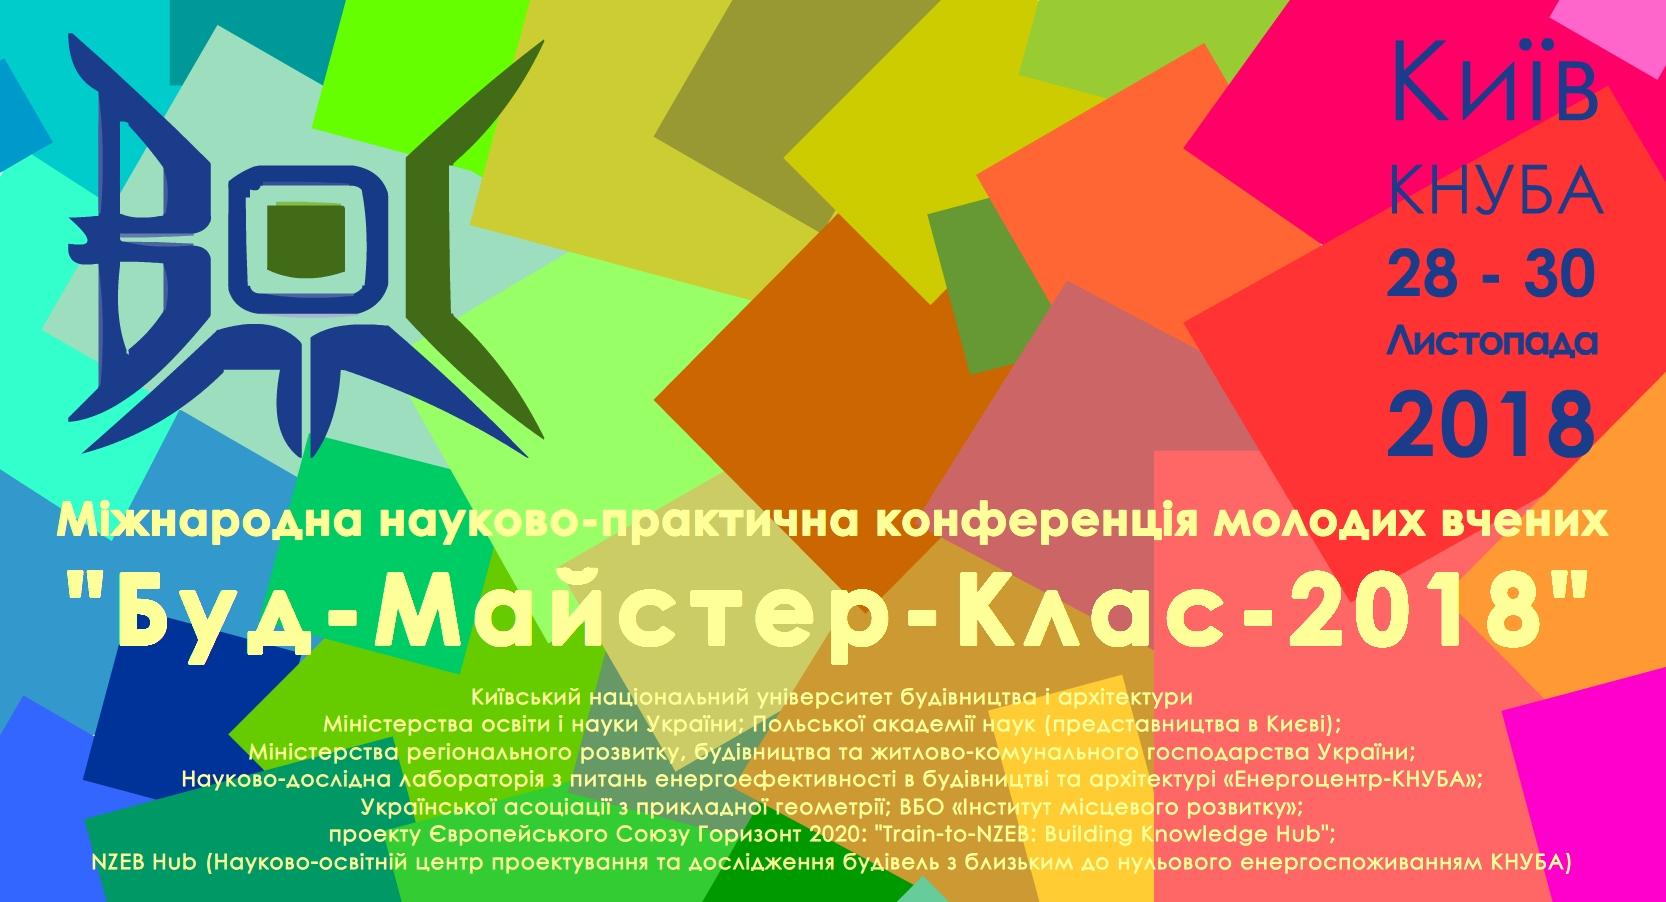 Міжнародна науково-практична конференція молодих вчених  «БУД-МАЙСТЕР-КЛАС-2018»